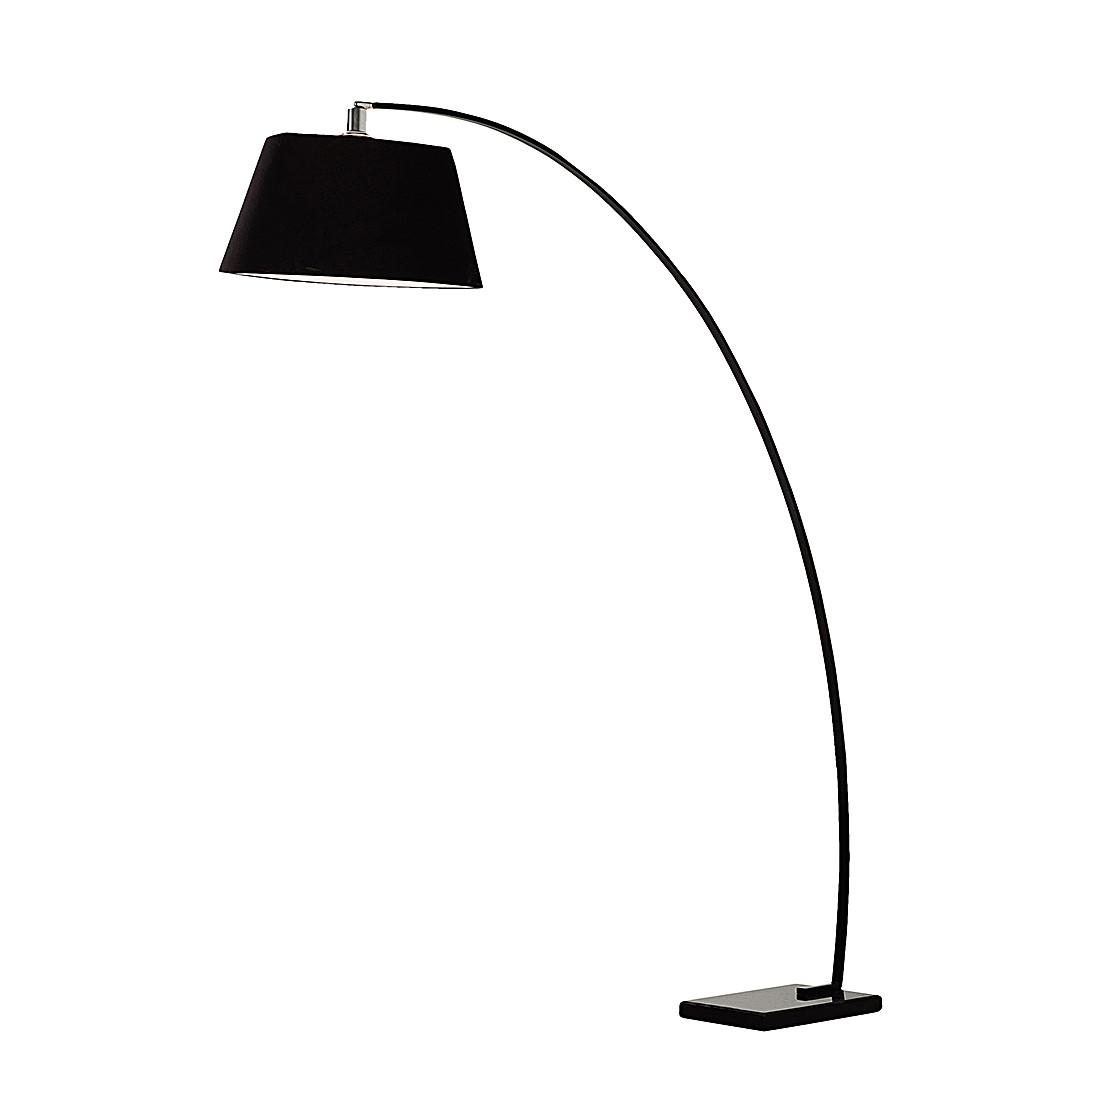 Stehleuchte SL Curvo Black ● Stein/Stoff ● 1-flammig- Kare Design A++